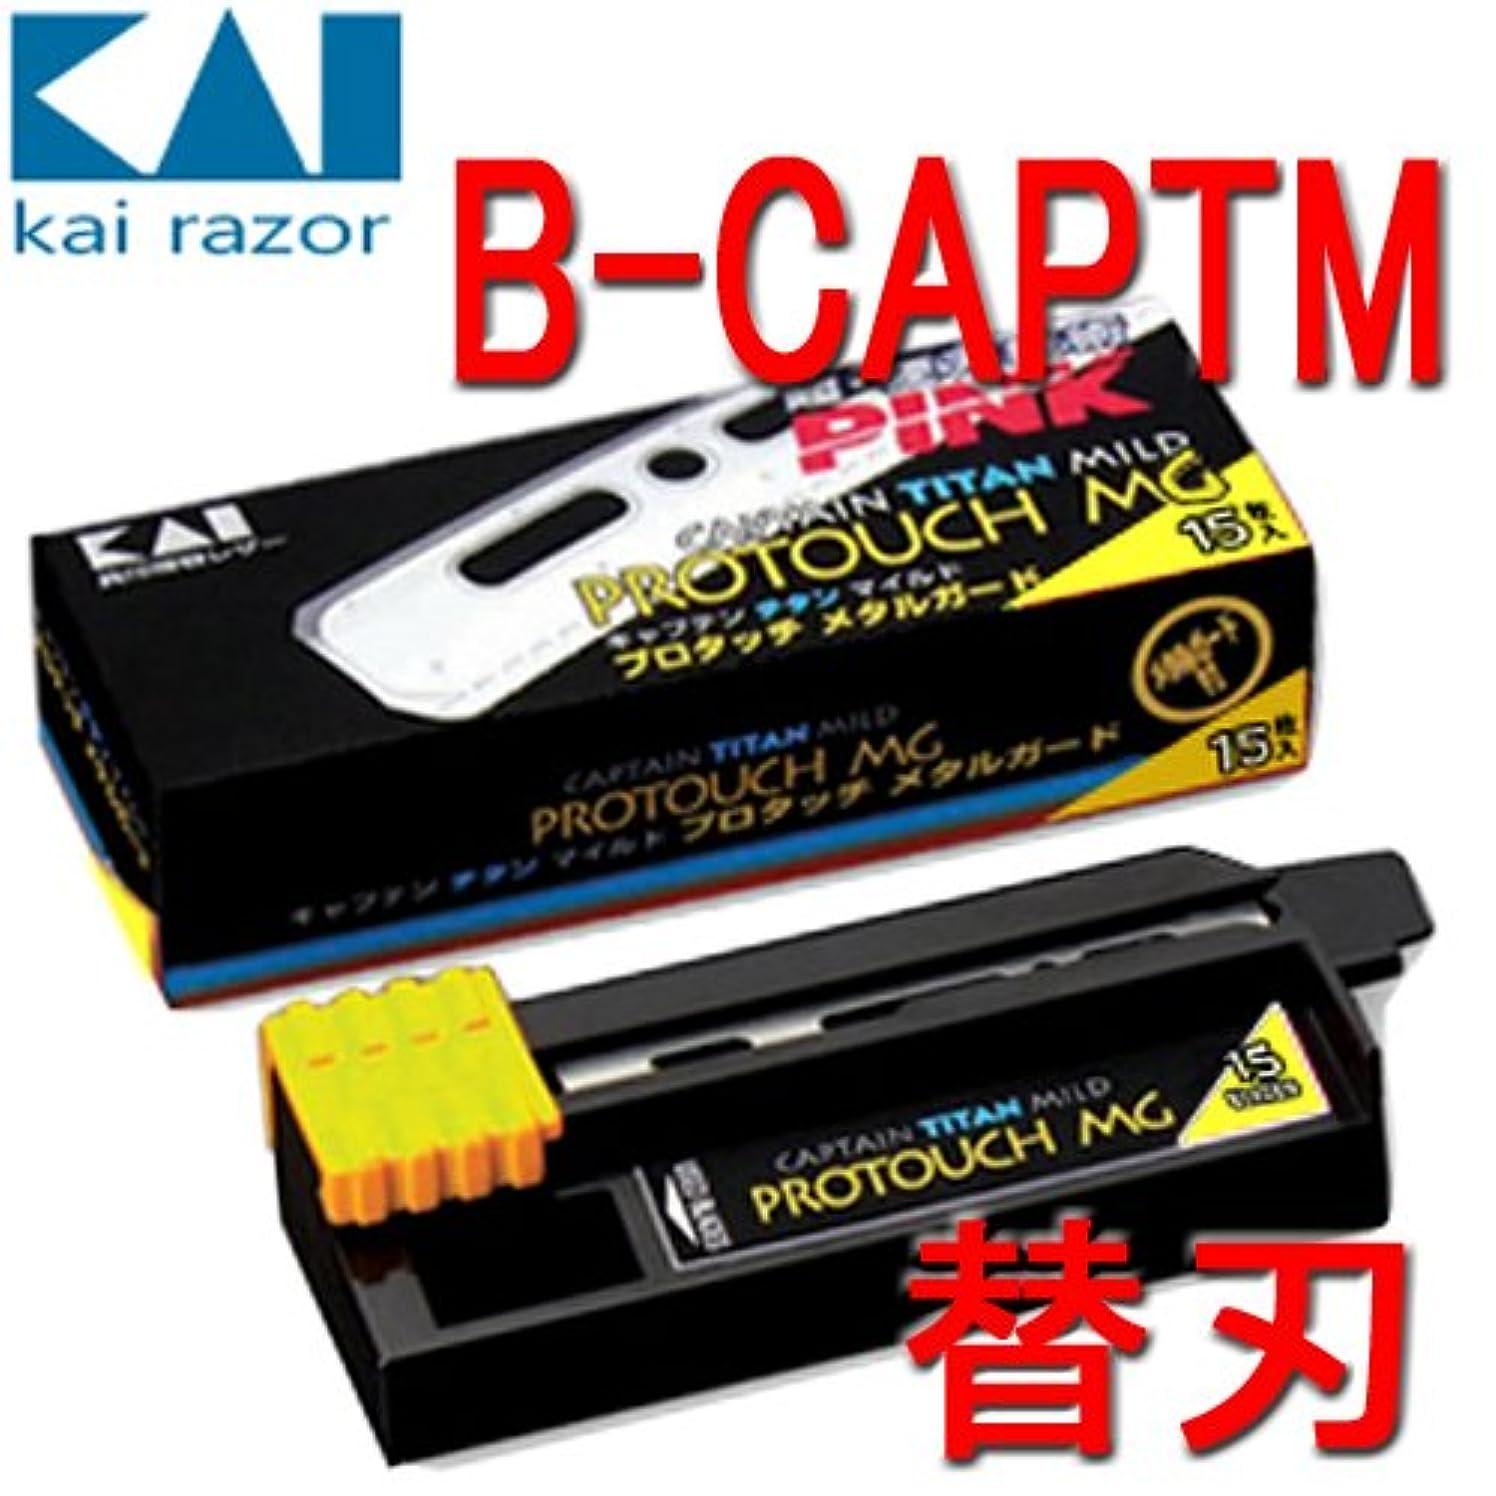 配管均等にバルブ【貝印カミソリ】 業務用 キャプテン-チタン-メタルガード15 (B-CAPTM)